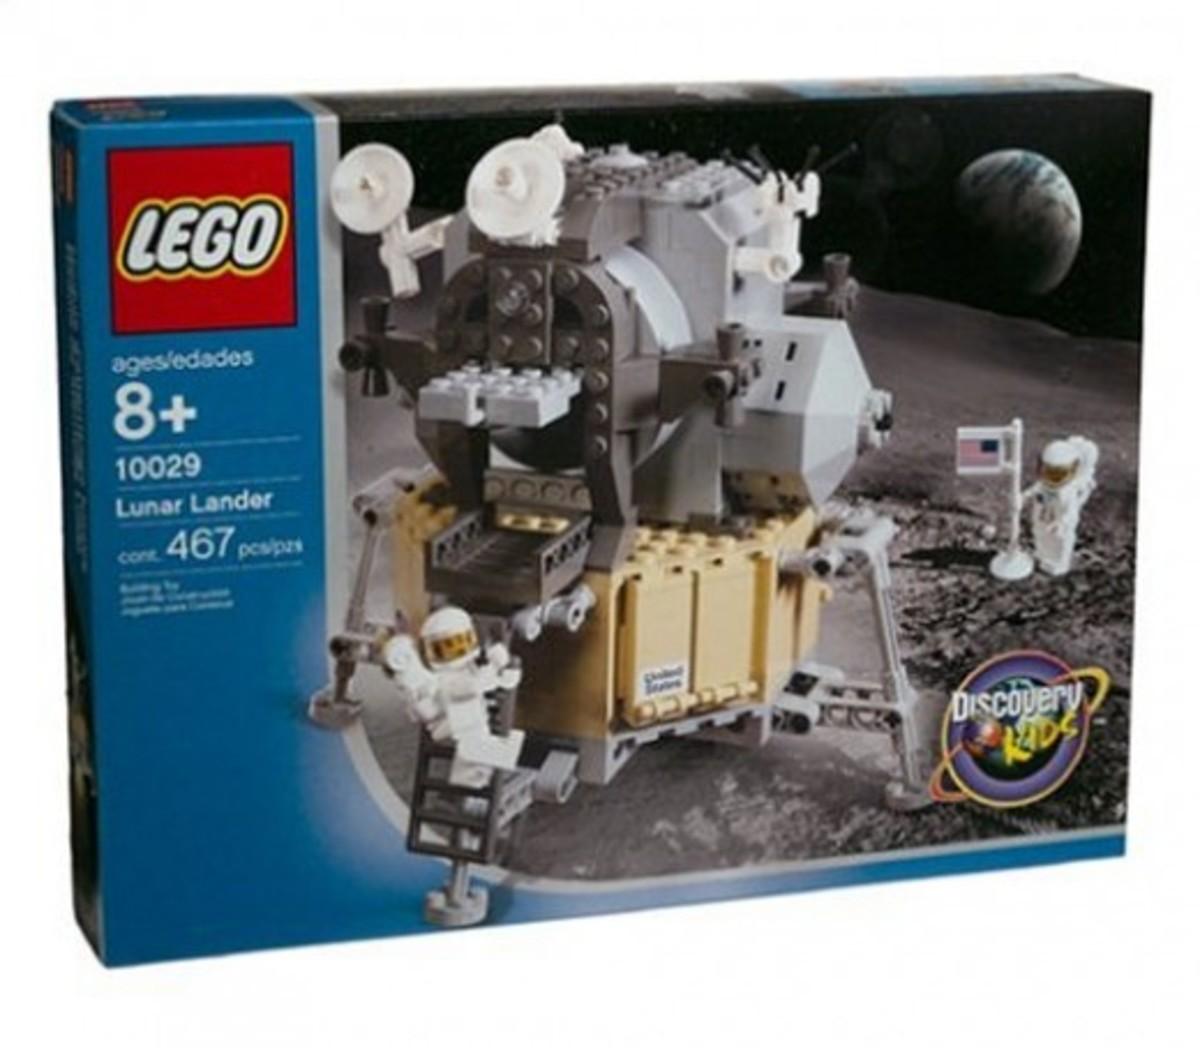 LEGO Discovery Lunar Lander 10029 Box